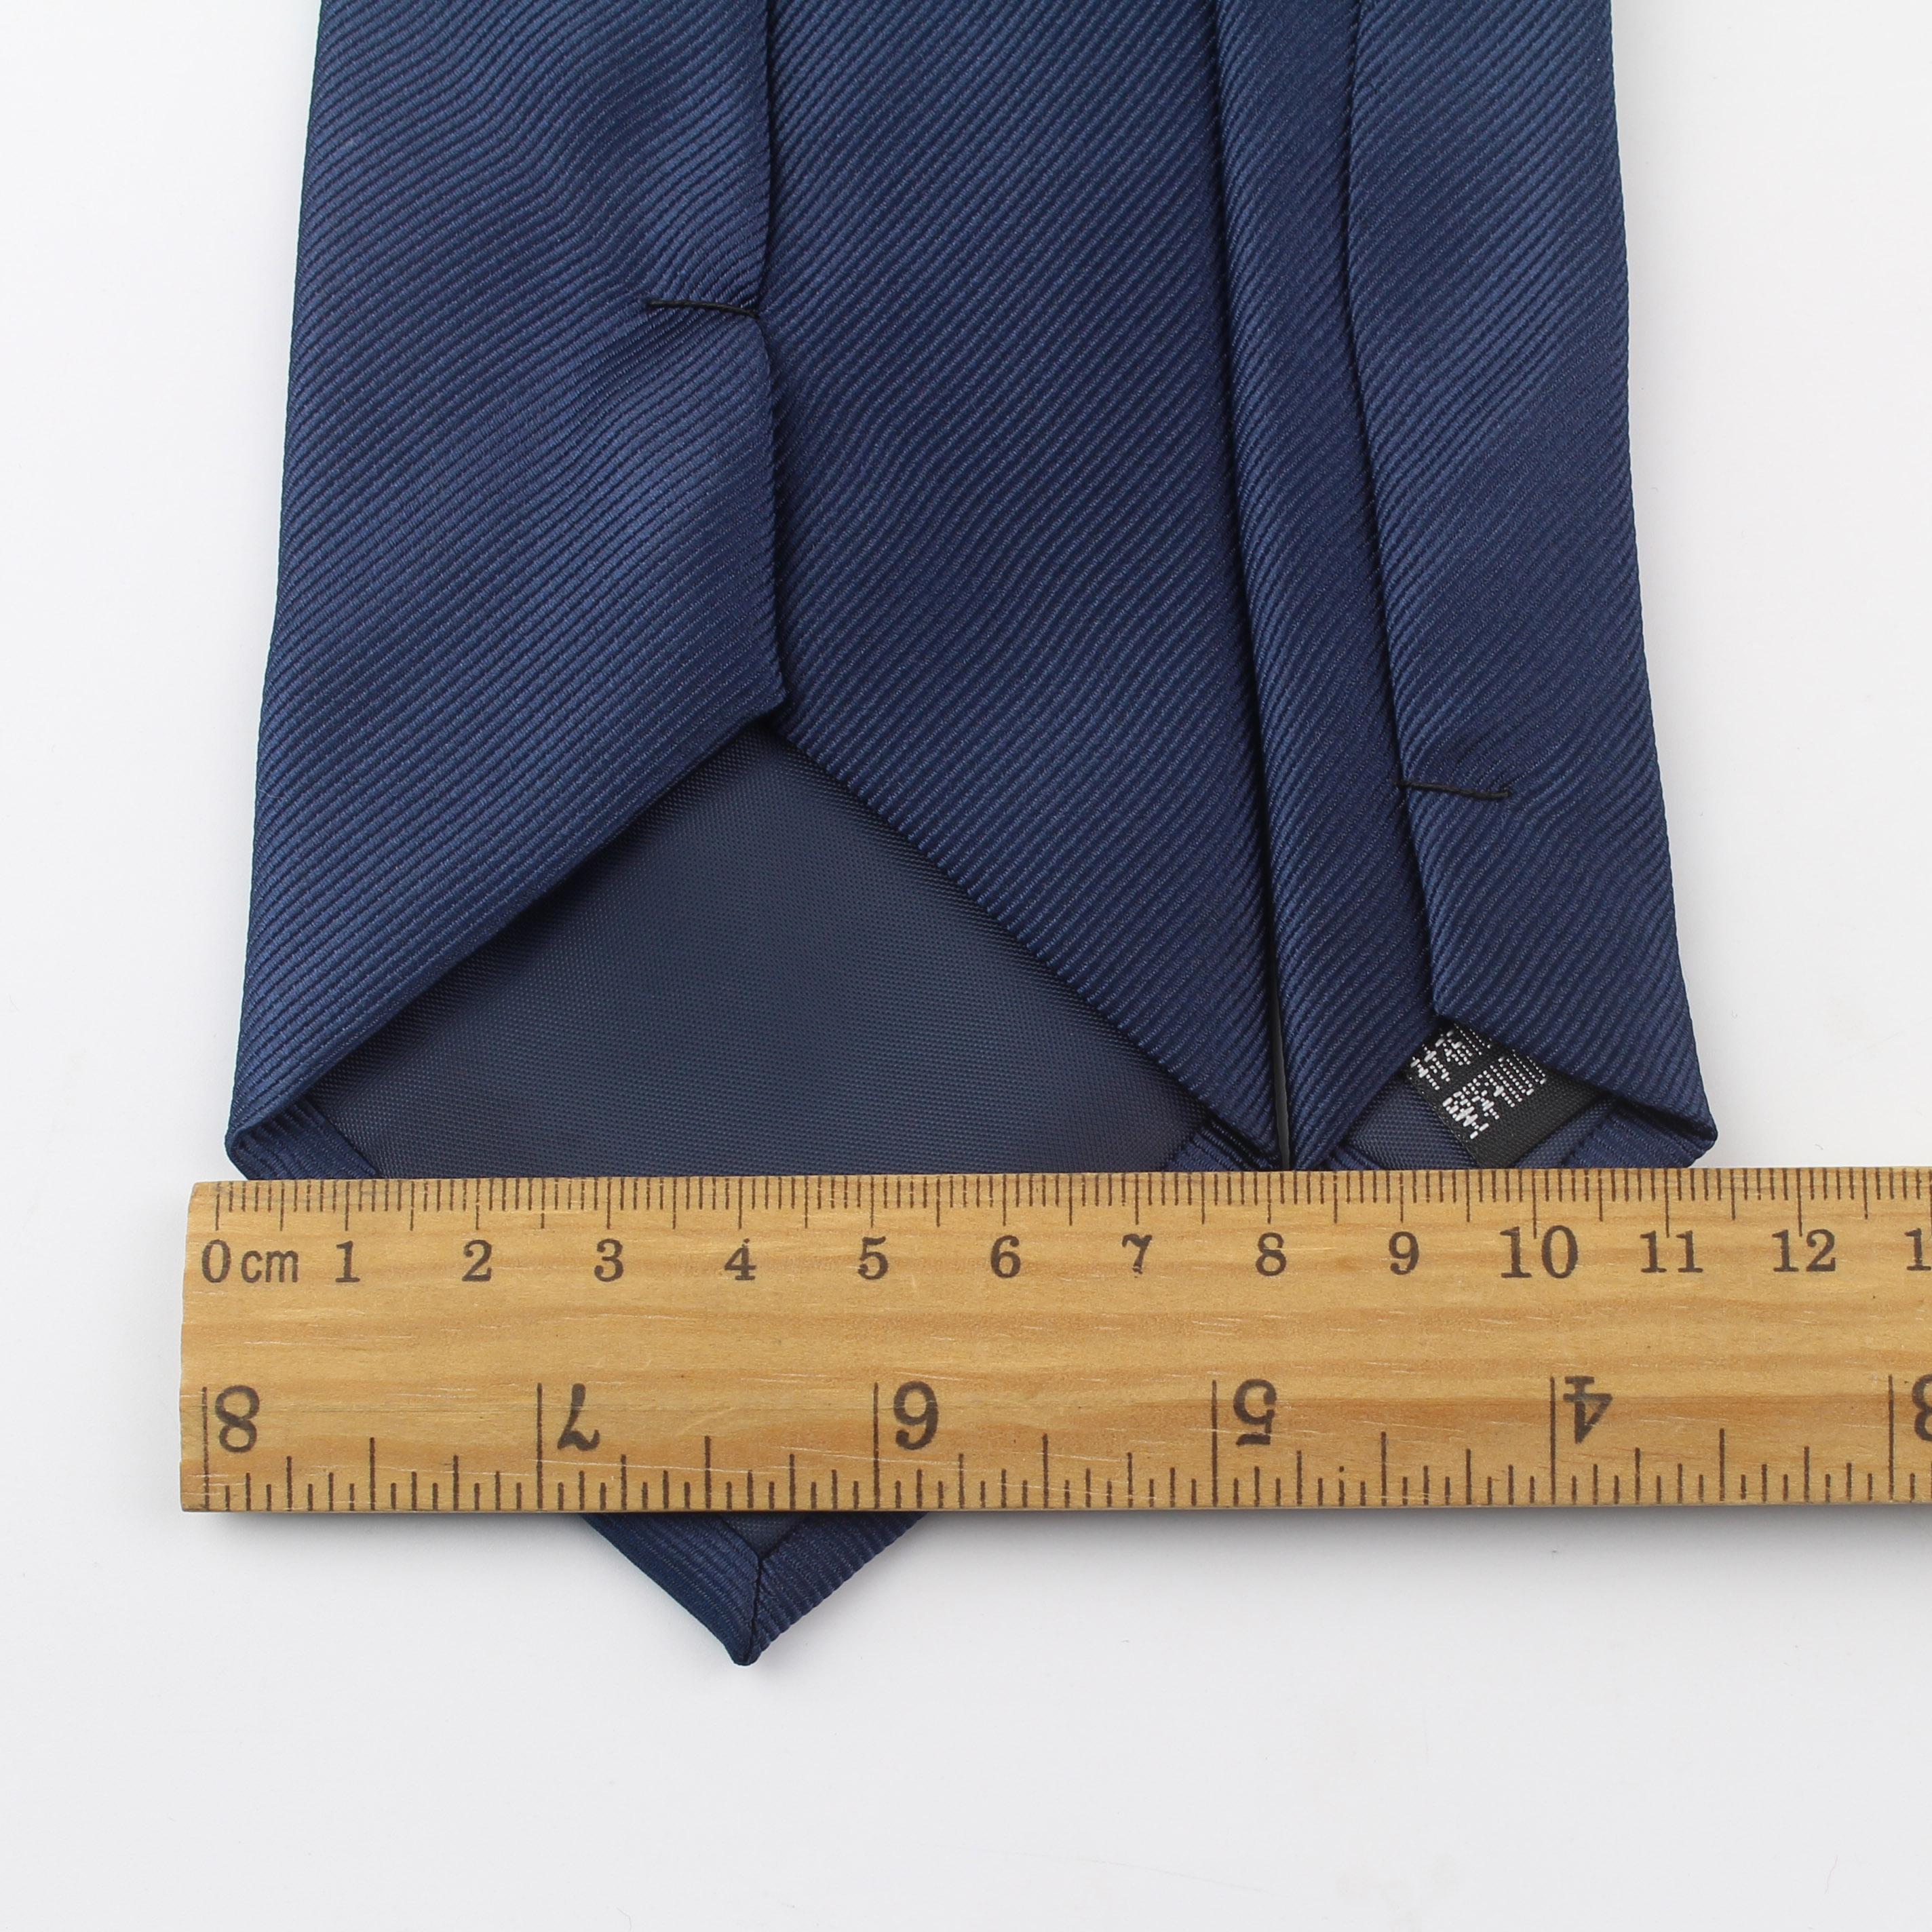 Мужские деловые строгие полосатые дизайнерские жаккардовые галстуки 8 см Мужской дизайнерский галстук из полиэстера для вечеринки тонкая стрела дешевый имитационный шелковый галстук